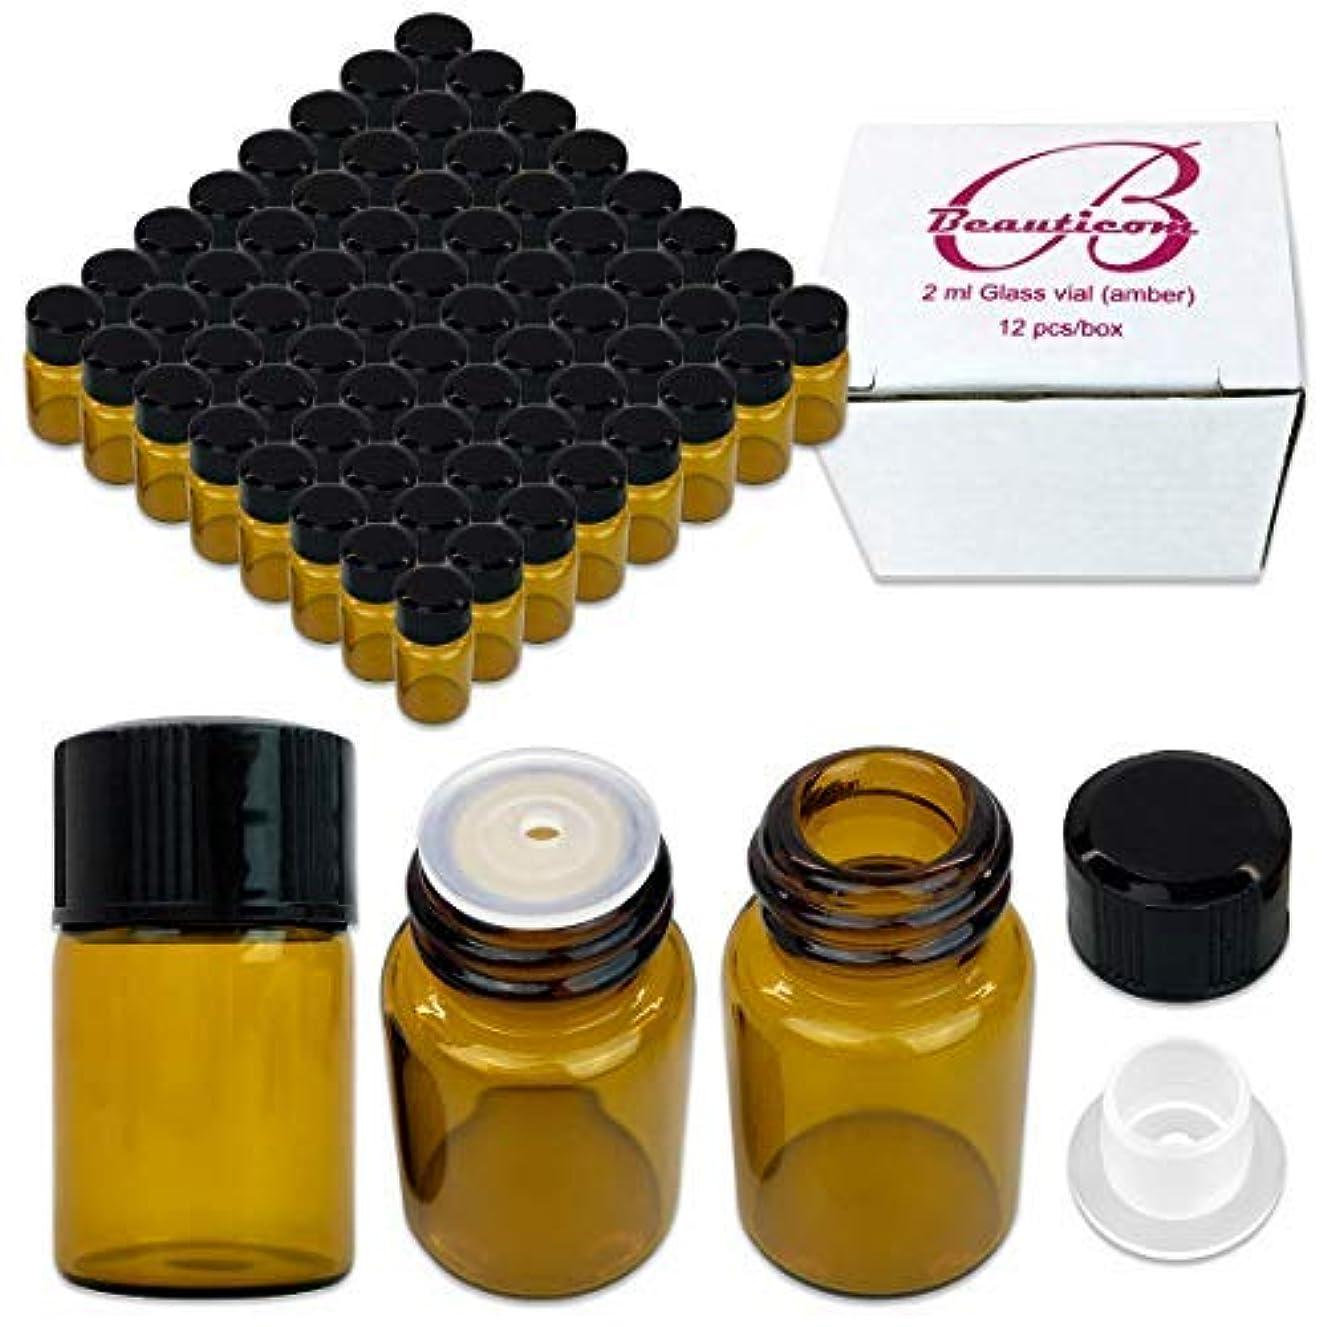 コンプリート合併症サイクル84 Packs Beauticom 2ML Amber Glass Vial for Essential Oils, Aromatherapy, Fragrance, Serums, Spritzes, with Orifice Reducer and Dropper Top [並行輸入品]